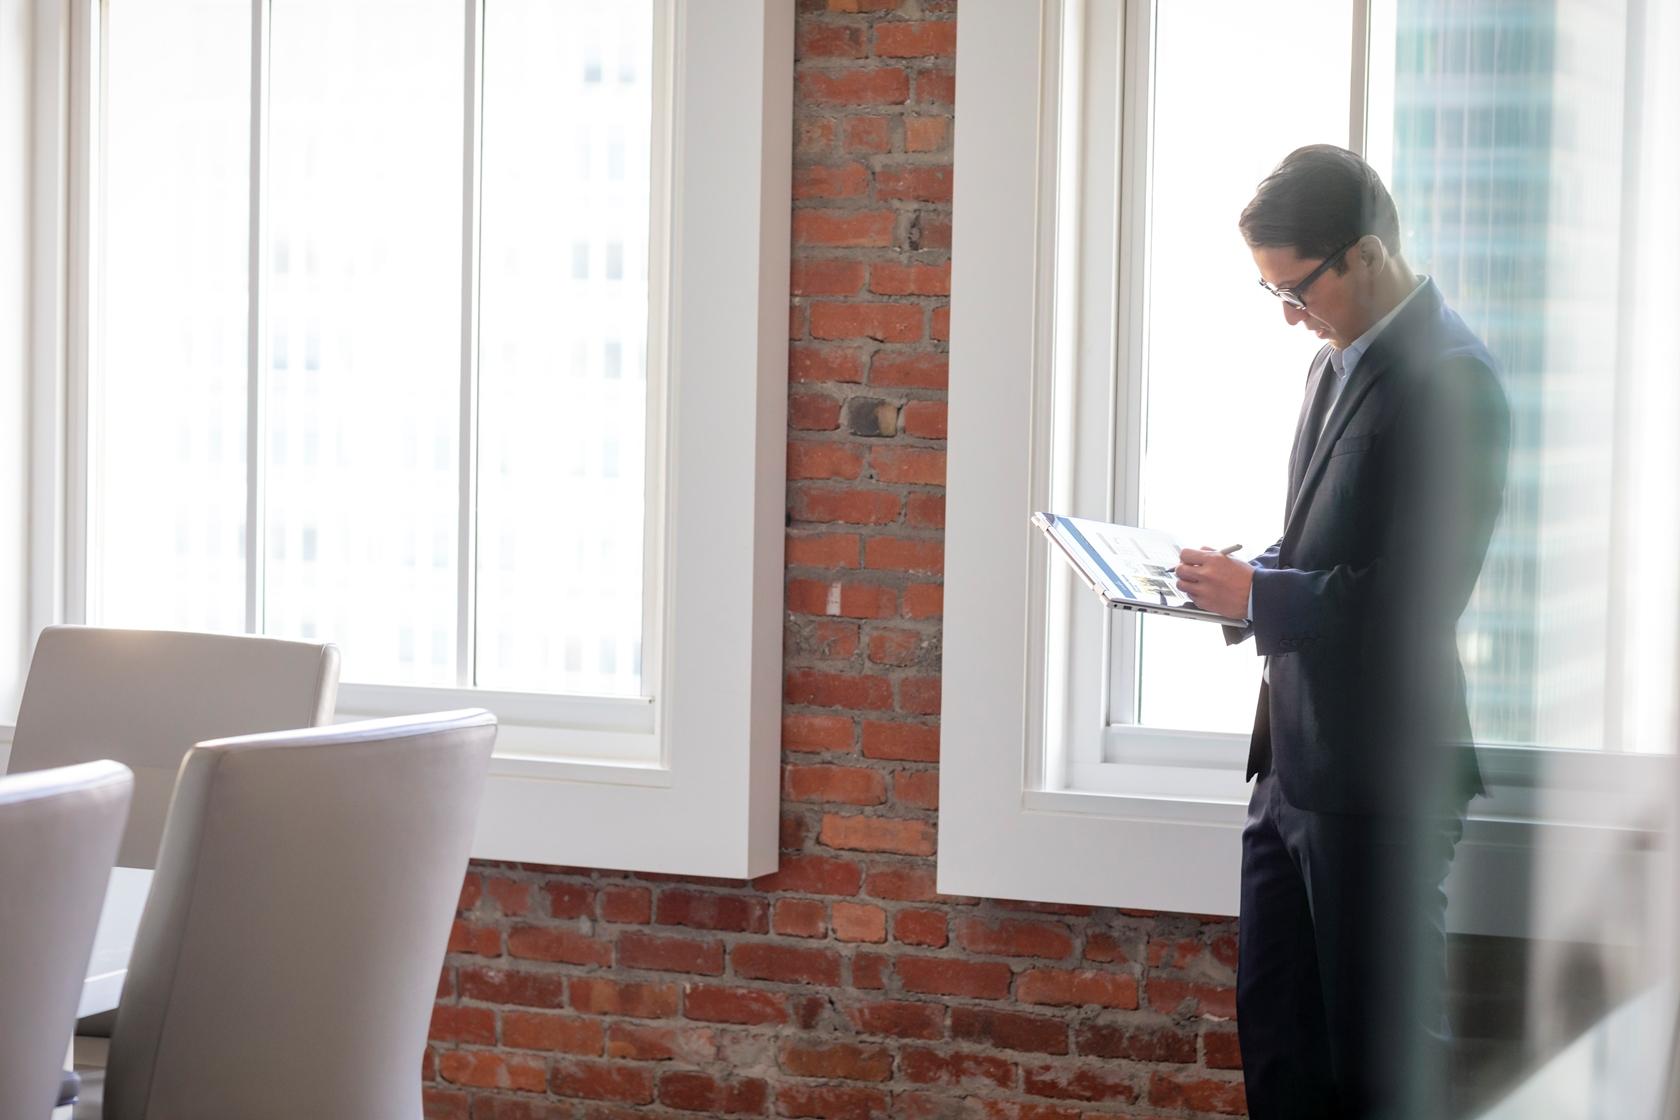 HP EliteBook x360 1030 G2 - Máy tính đa chế độ dòng doanh nghiệp mỏng và bảo mật nhất thế giới.